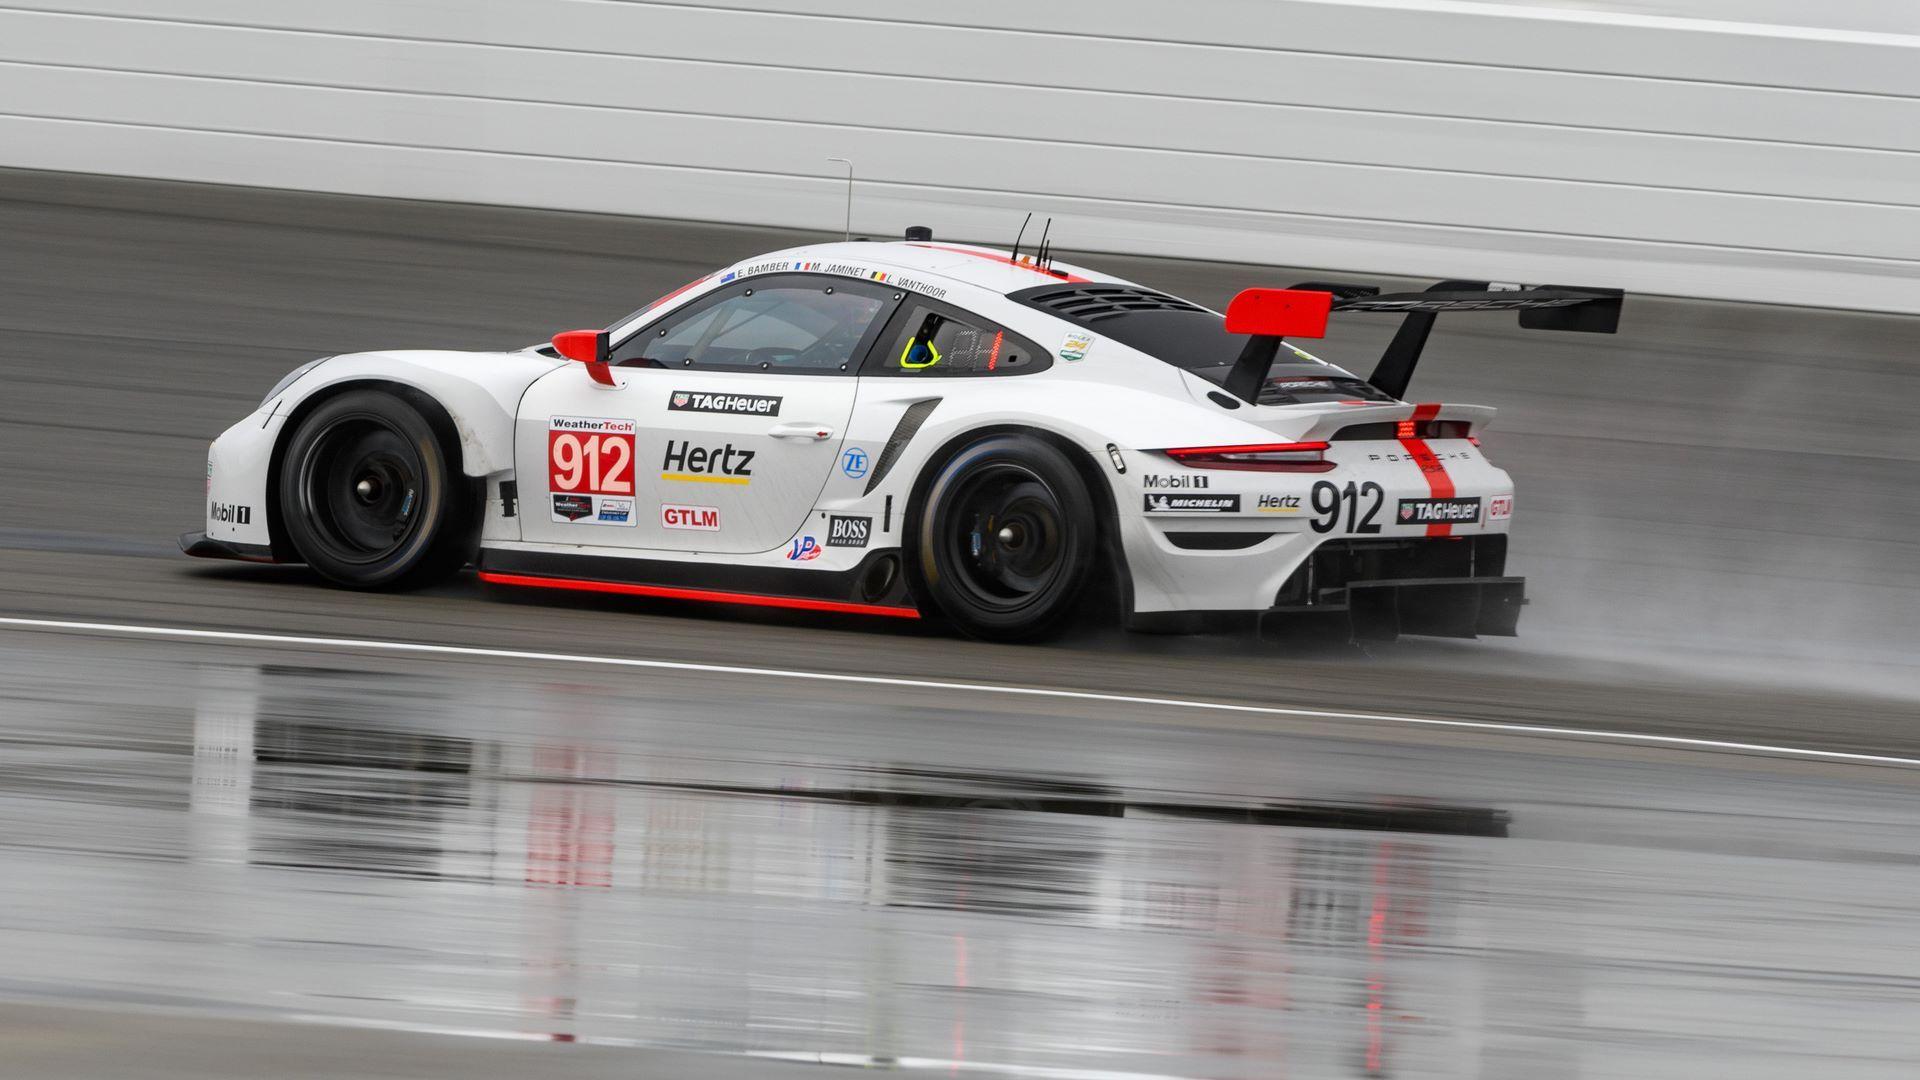 Porsche 911 RSR (912), Porsche GT Team: Earl Bamber (NZ), Mathieu Jaminet (F), Laurens Vanthoor (B)